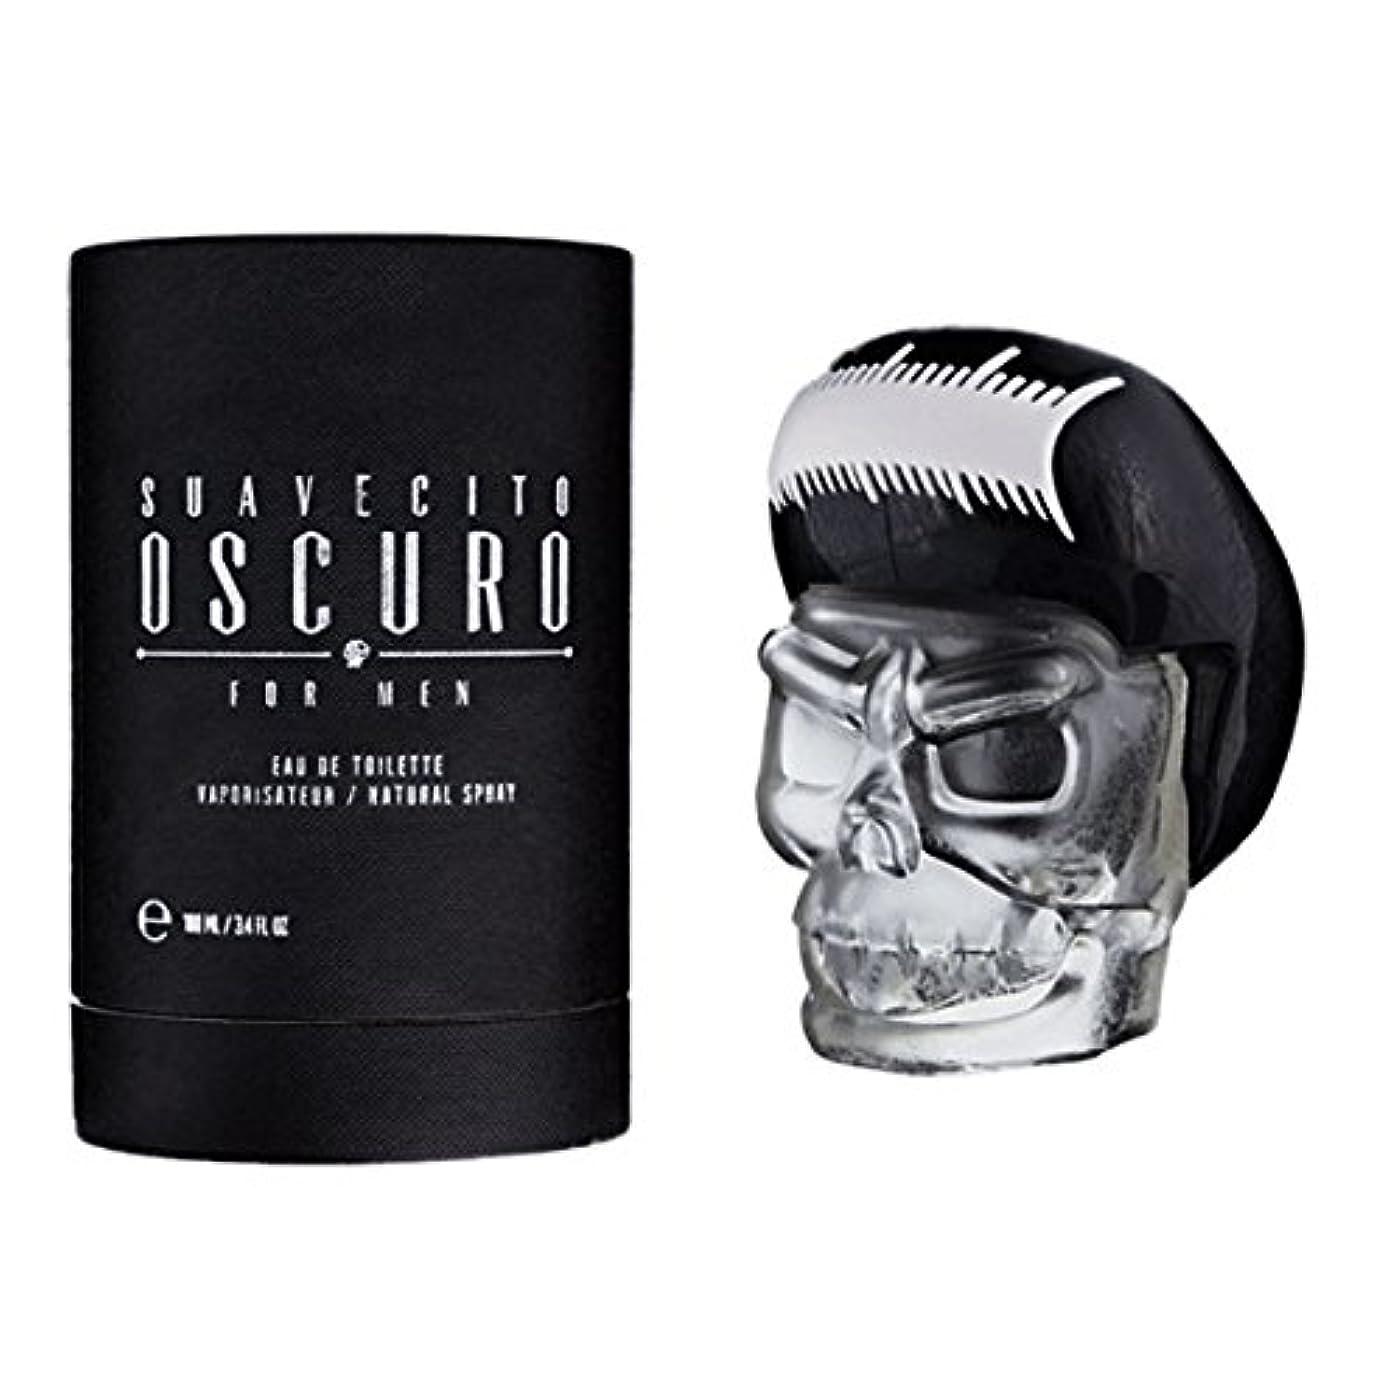 アベニュー合法不平を言うSUAVECITO スアベシート 【Oscuro - Men's Cologne】 メンズコロン コロン 3.4 FL OZ(約100ml) 香水